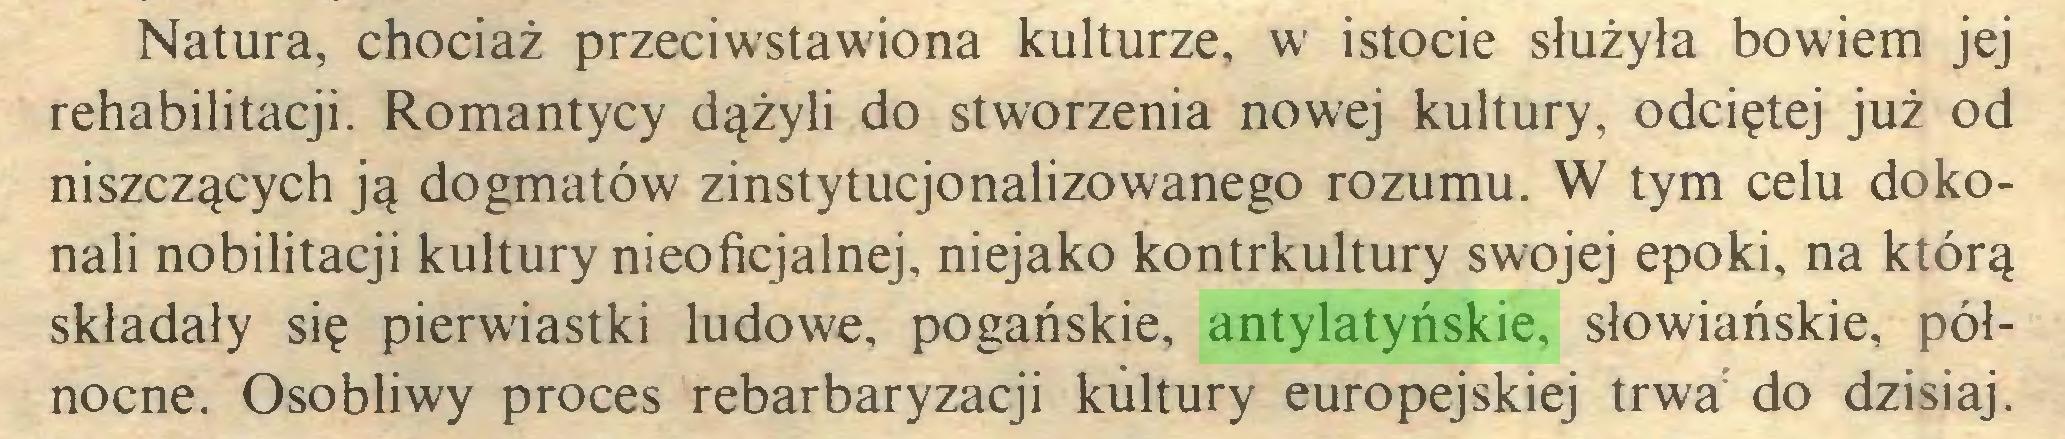 (...) Natura, chociaż przeciwstawiona kulturze, w istocie służyła bowiem jej rehabilitacji. Romantycy dążyli do stworzenia nowej kultury, odciętej już od niszczących ją dogmatów zinstytucjonalizowanego rozumu. W tym celu dokonali nobilitacji kultury nieoficjalnej, niejako kontrkultury swojej epoki, na którą składały się pierwiastki ludowe, pogańskie, antylatyńskie, słowiańskie, północne. Osobliwy proces rebarbaryzacji kultury europejskiej trwa do dzisiaj...